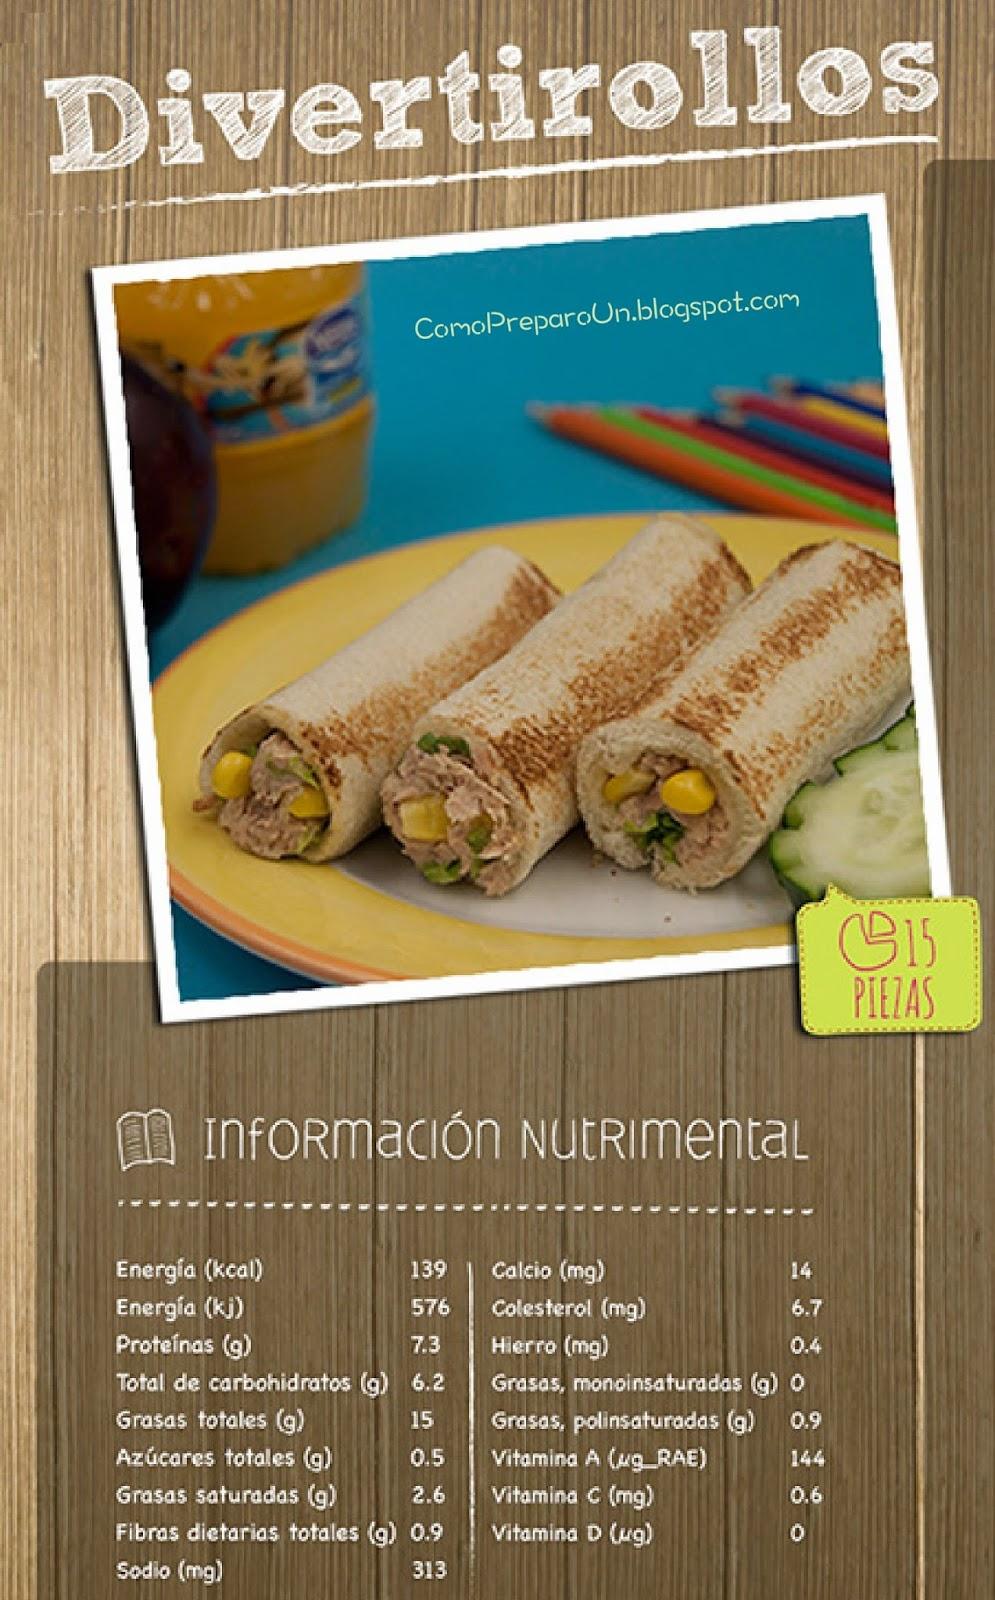 LONCHERAS SALUDABLES - ROLLOS NUTRITIVOS EN PAN CON LECHUGA, ATÚN Y ELOTES